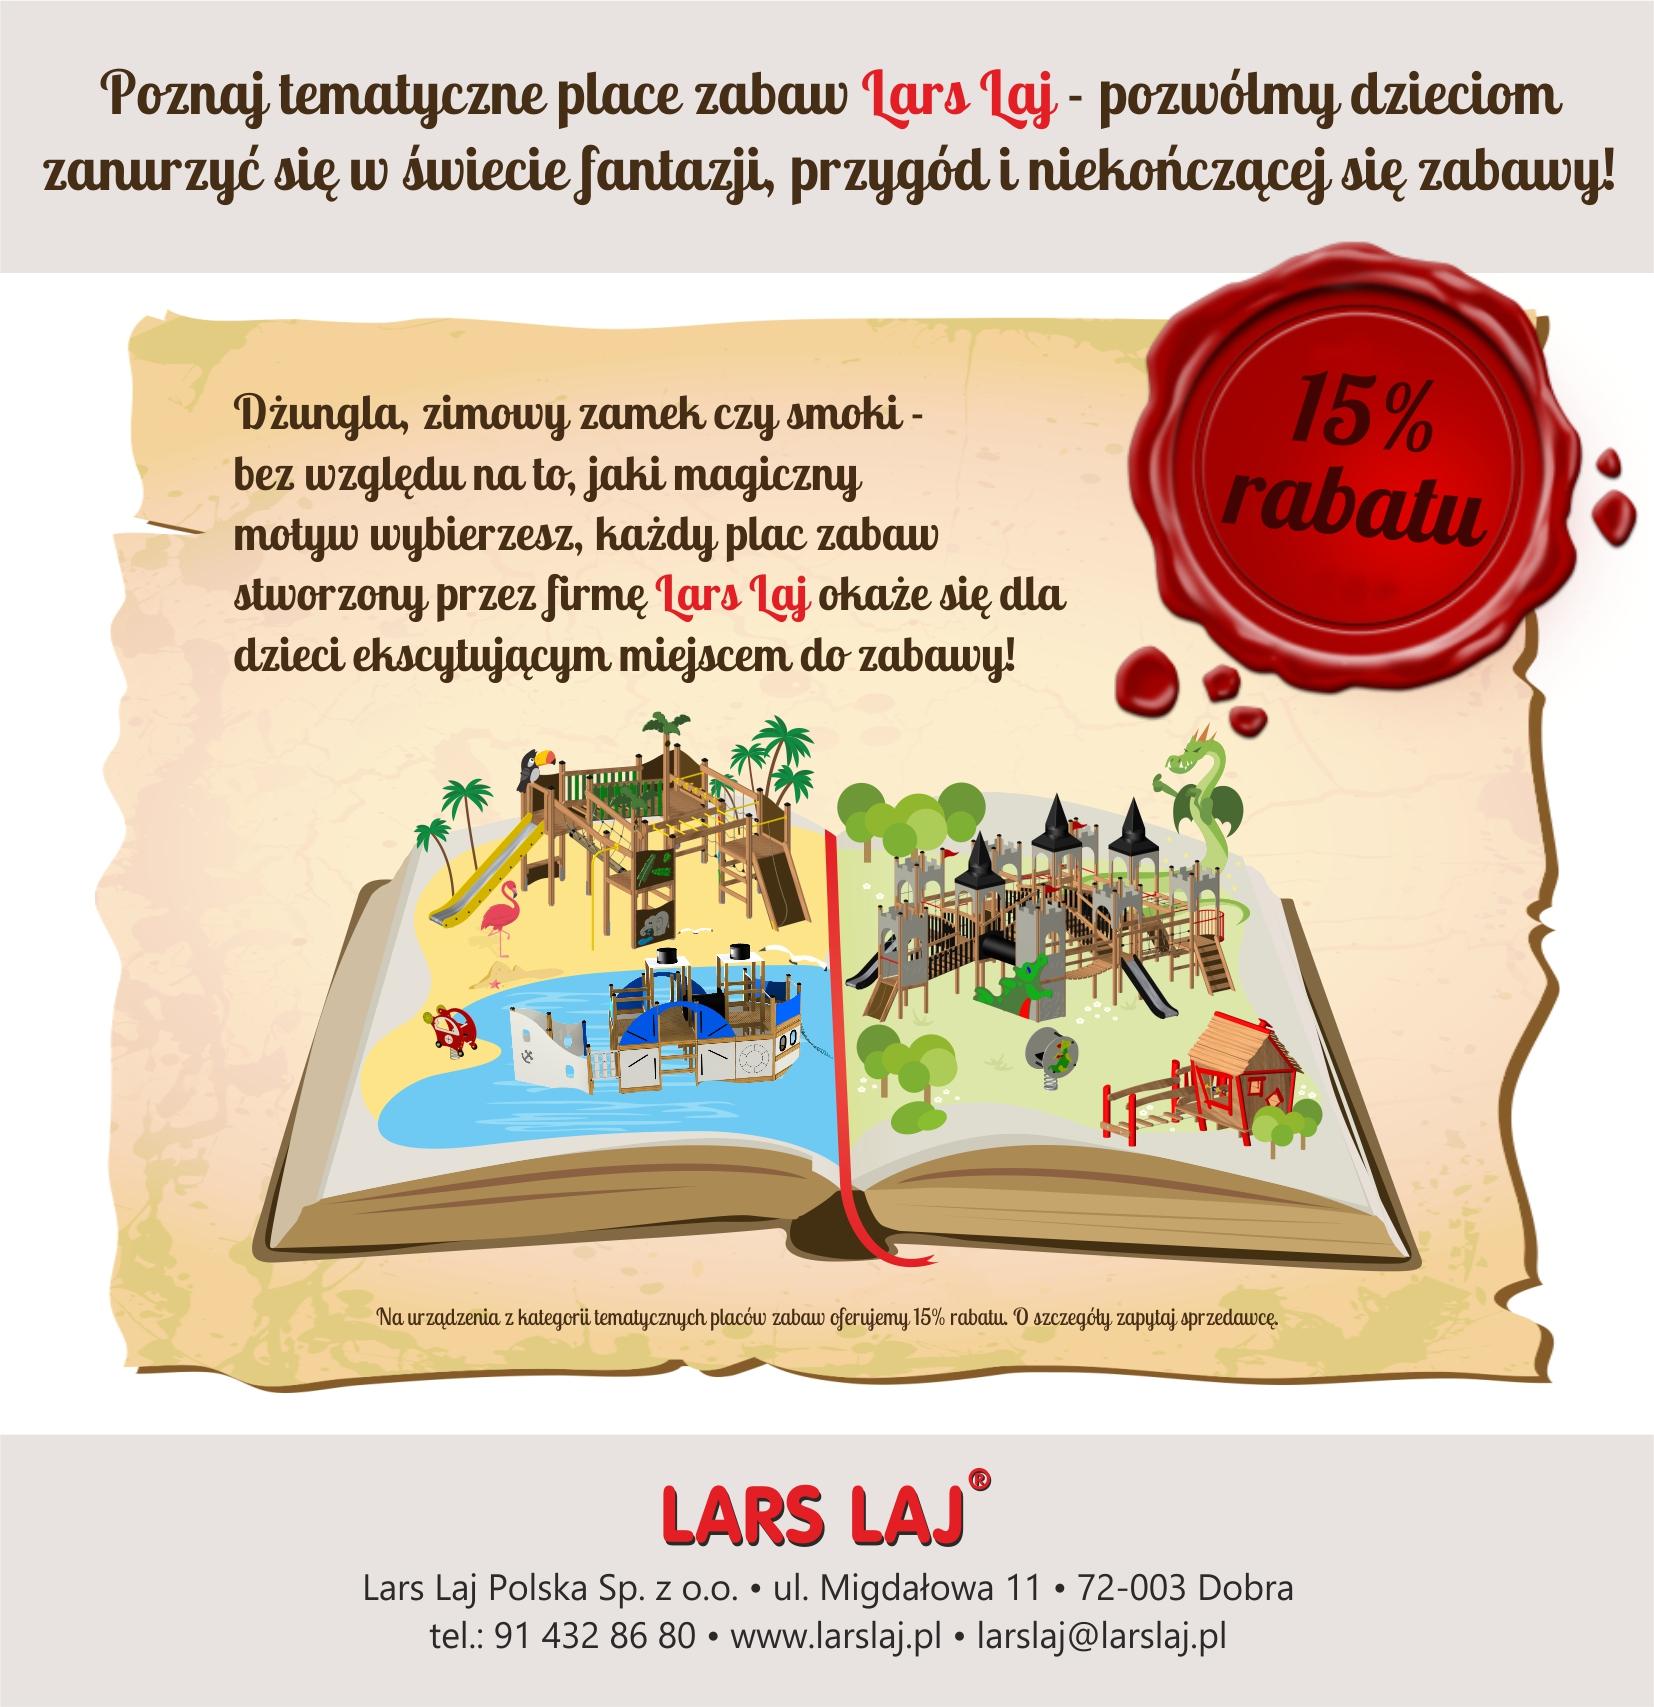 Poznaj tematyczne place zabaw Lars Laj